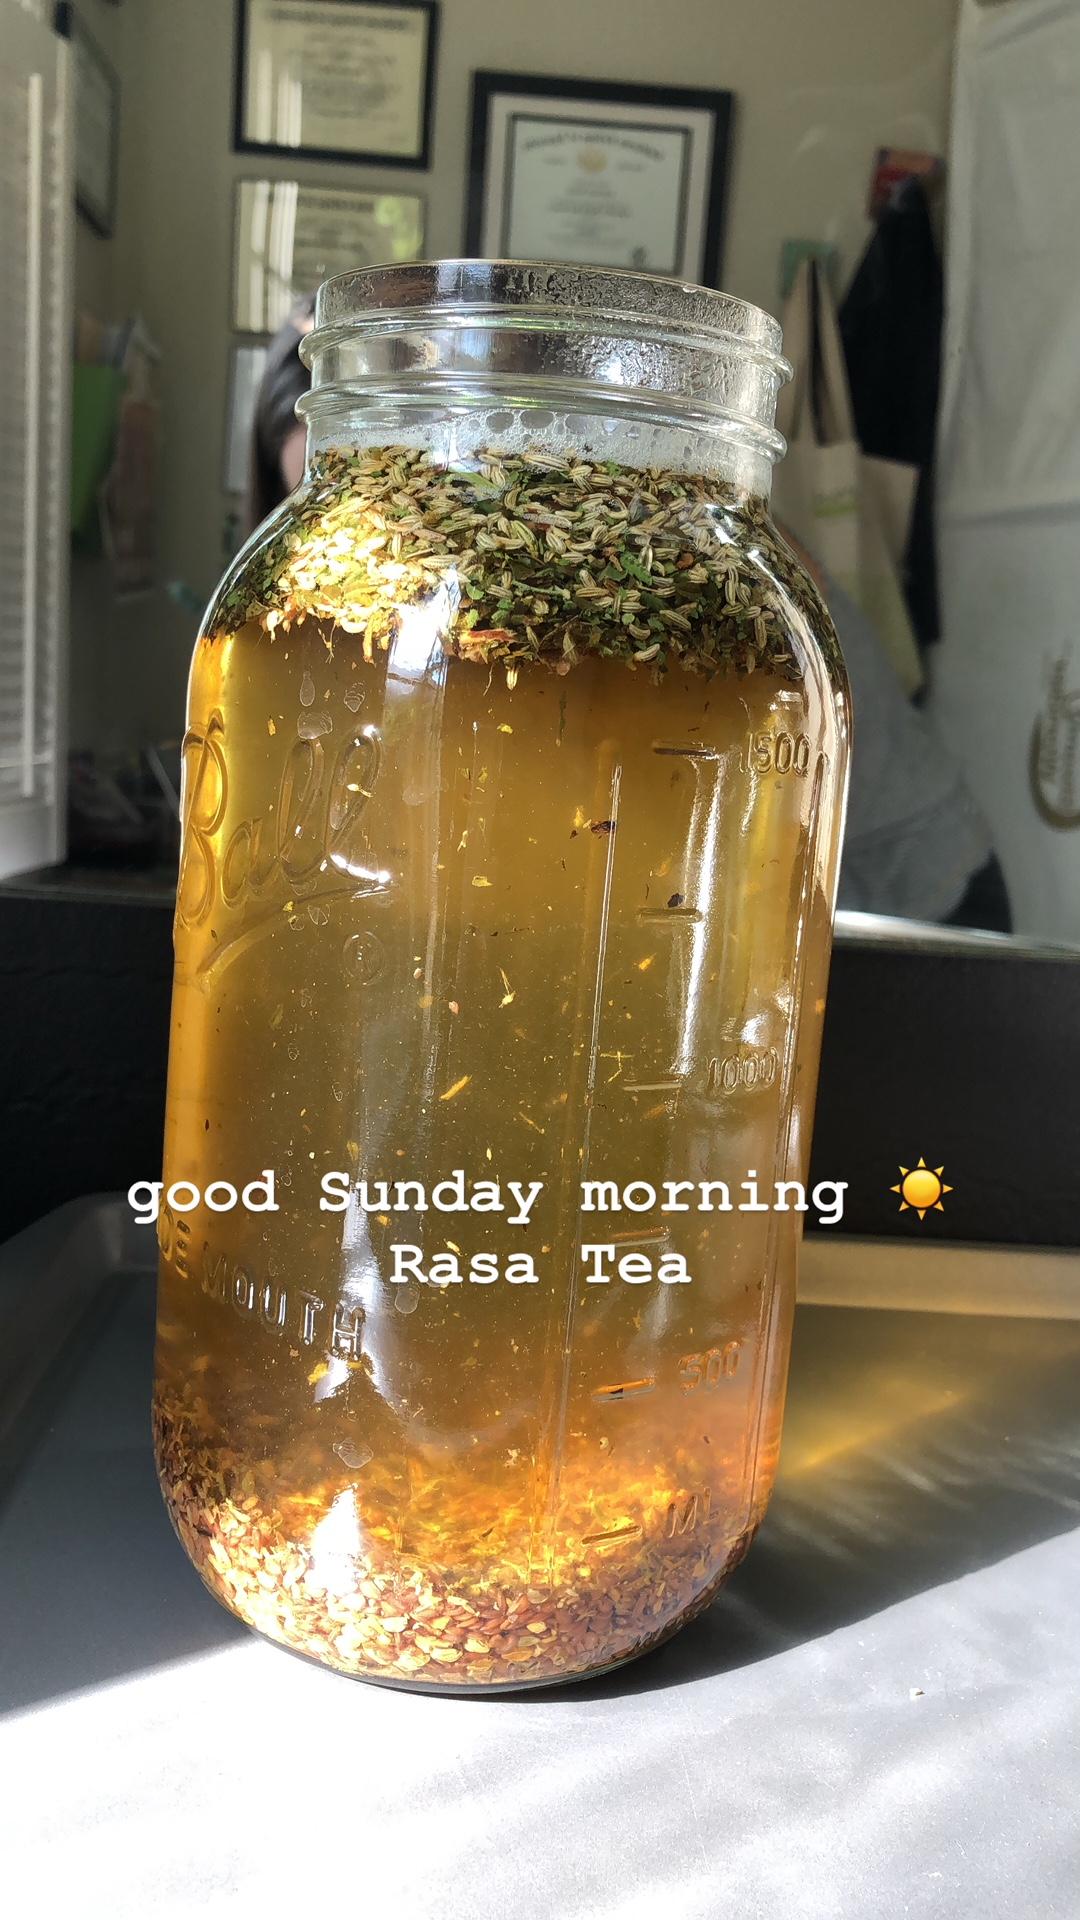 Rasa Tea